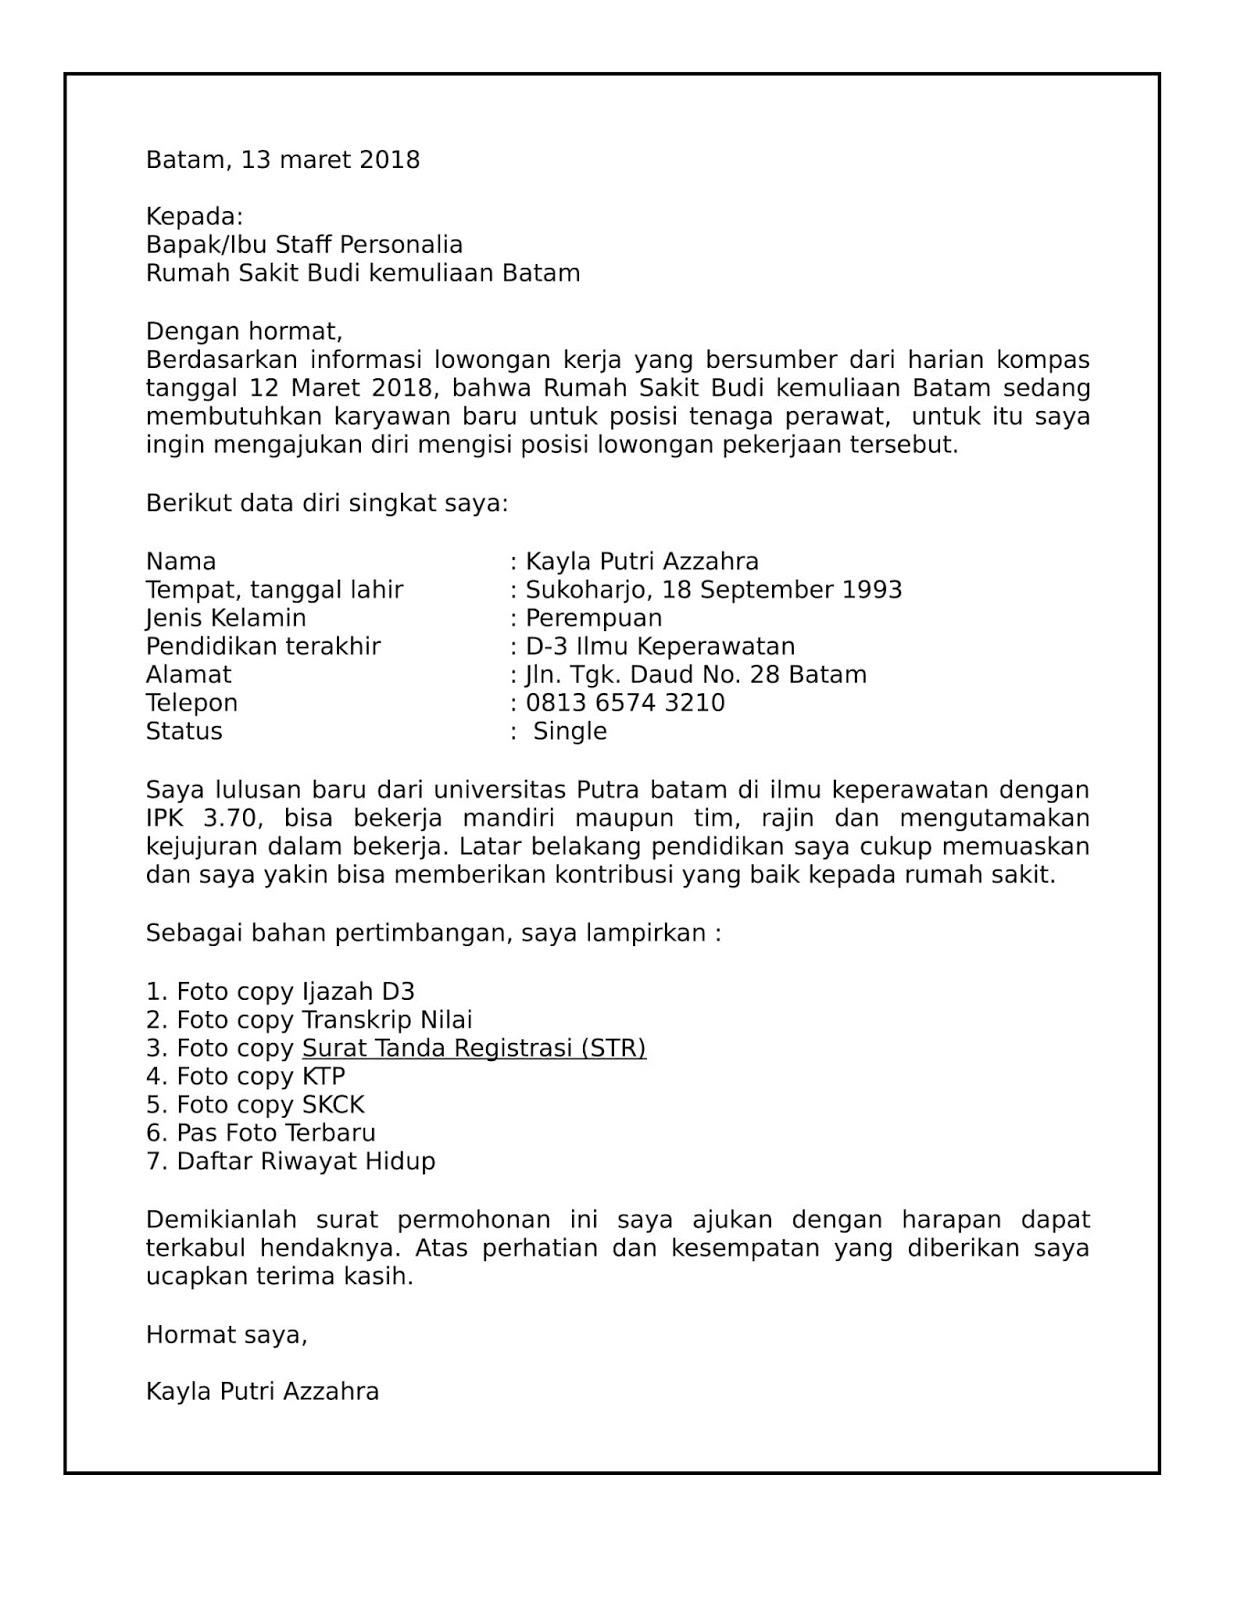 Surat Lamaran Kerja Ke Rumah Sakit Contoh Lamaran Kerja Dan